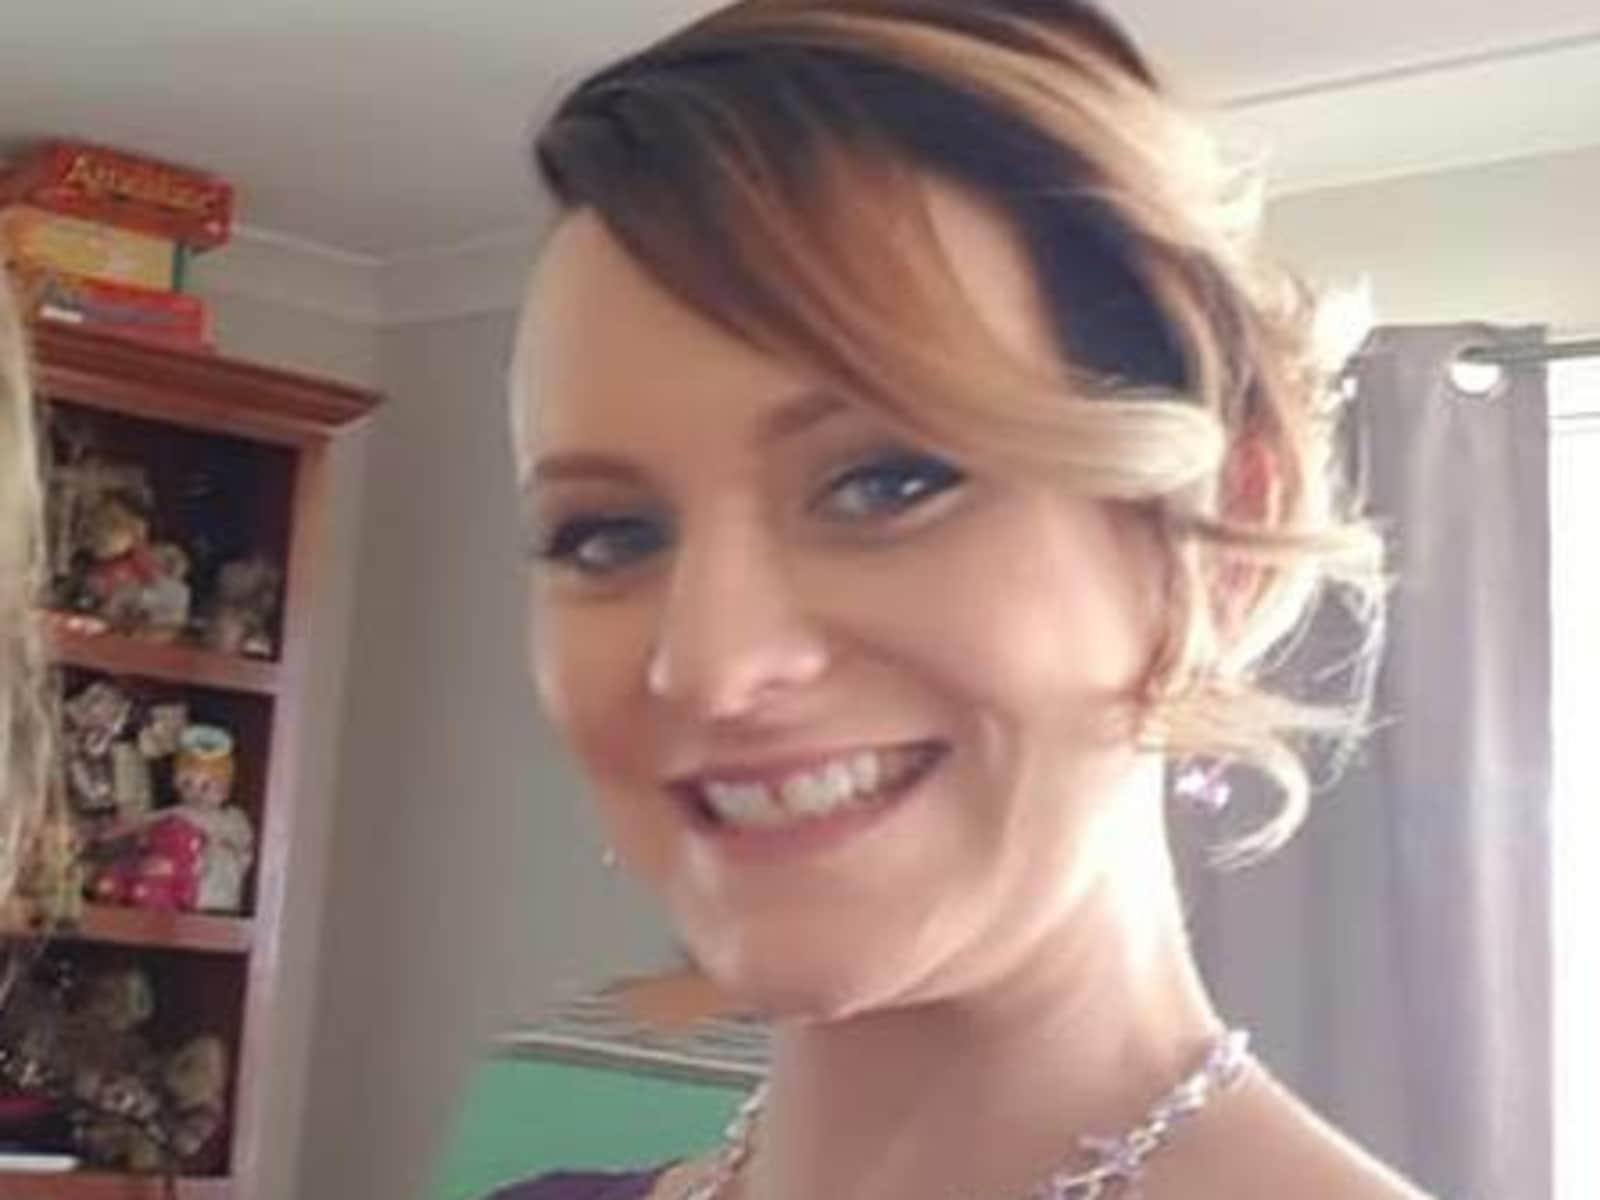 Jessica from Rockmount, Queensland, Australia